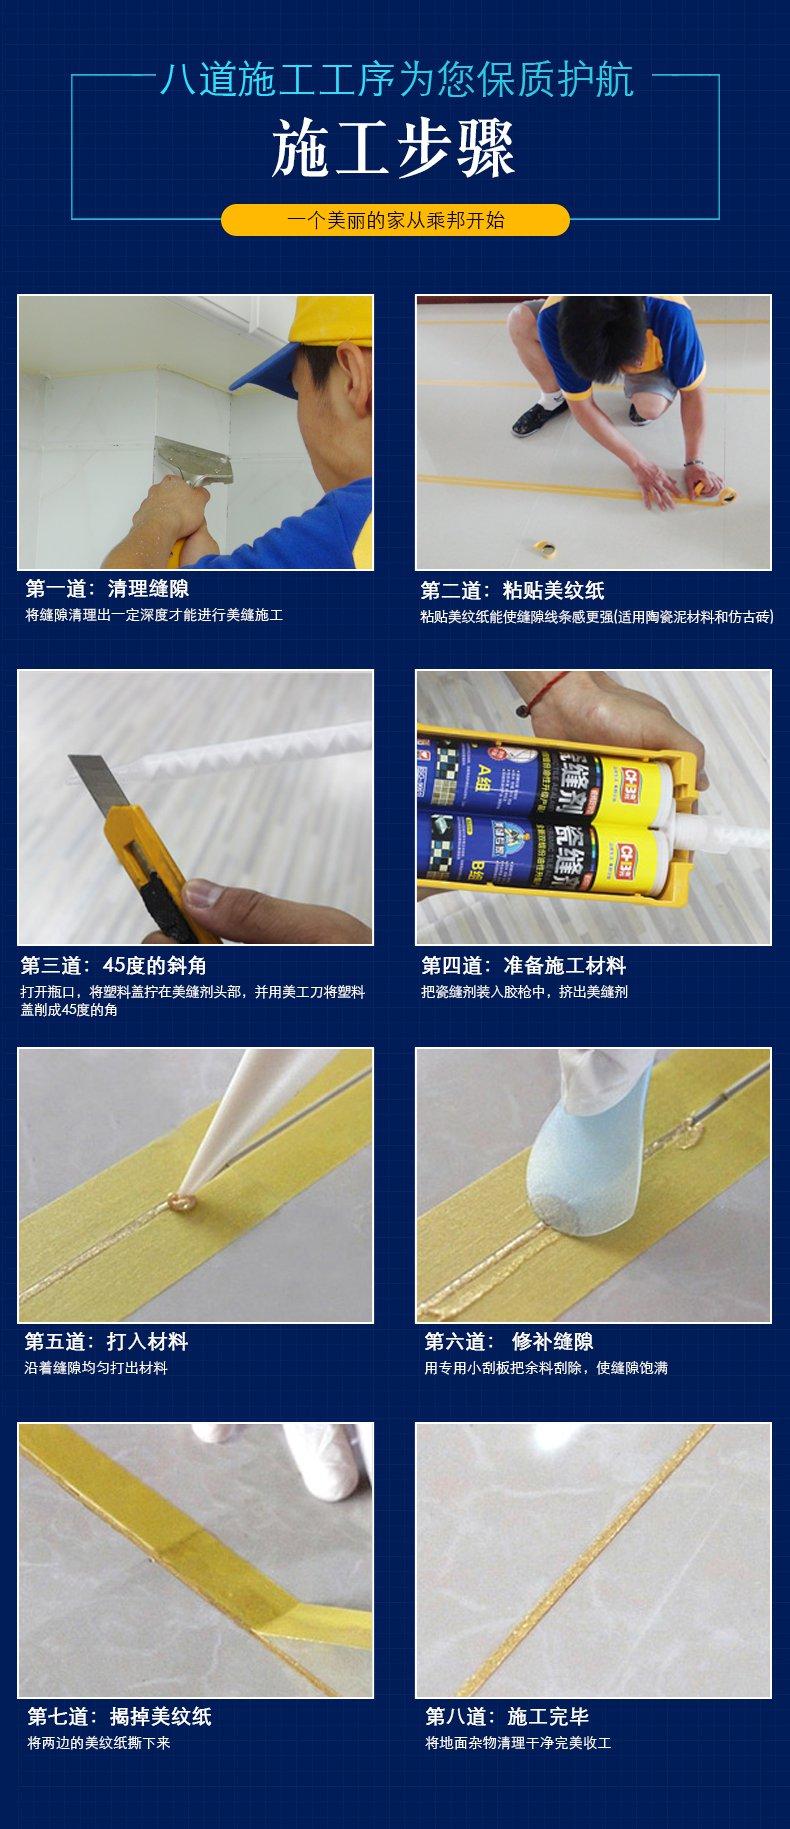 瓷缝剂施工